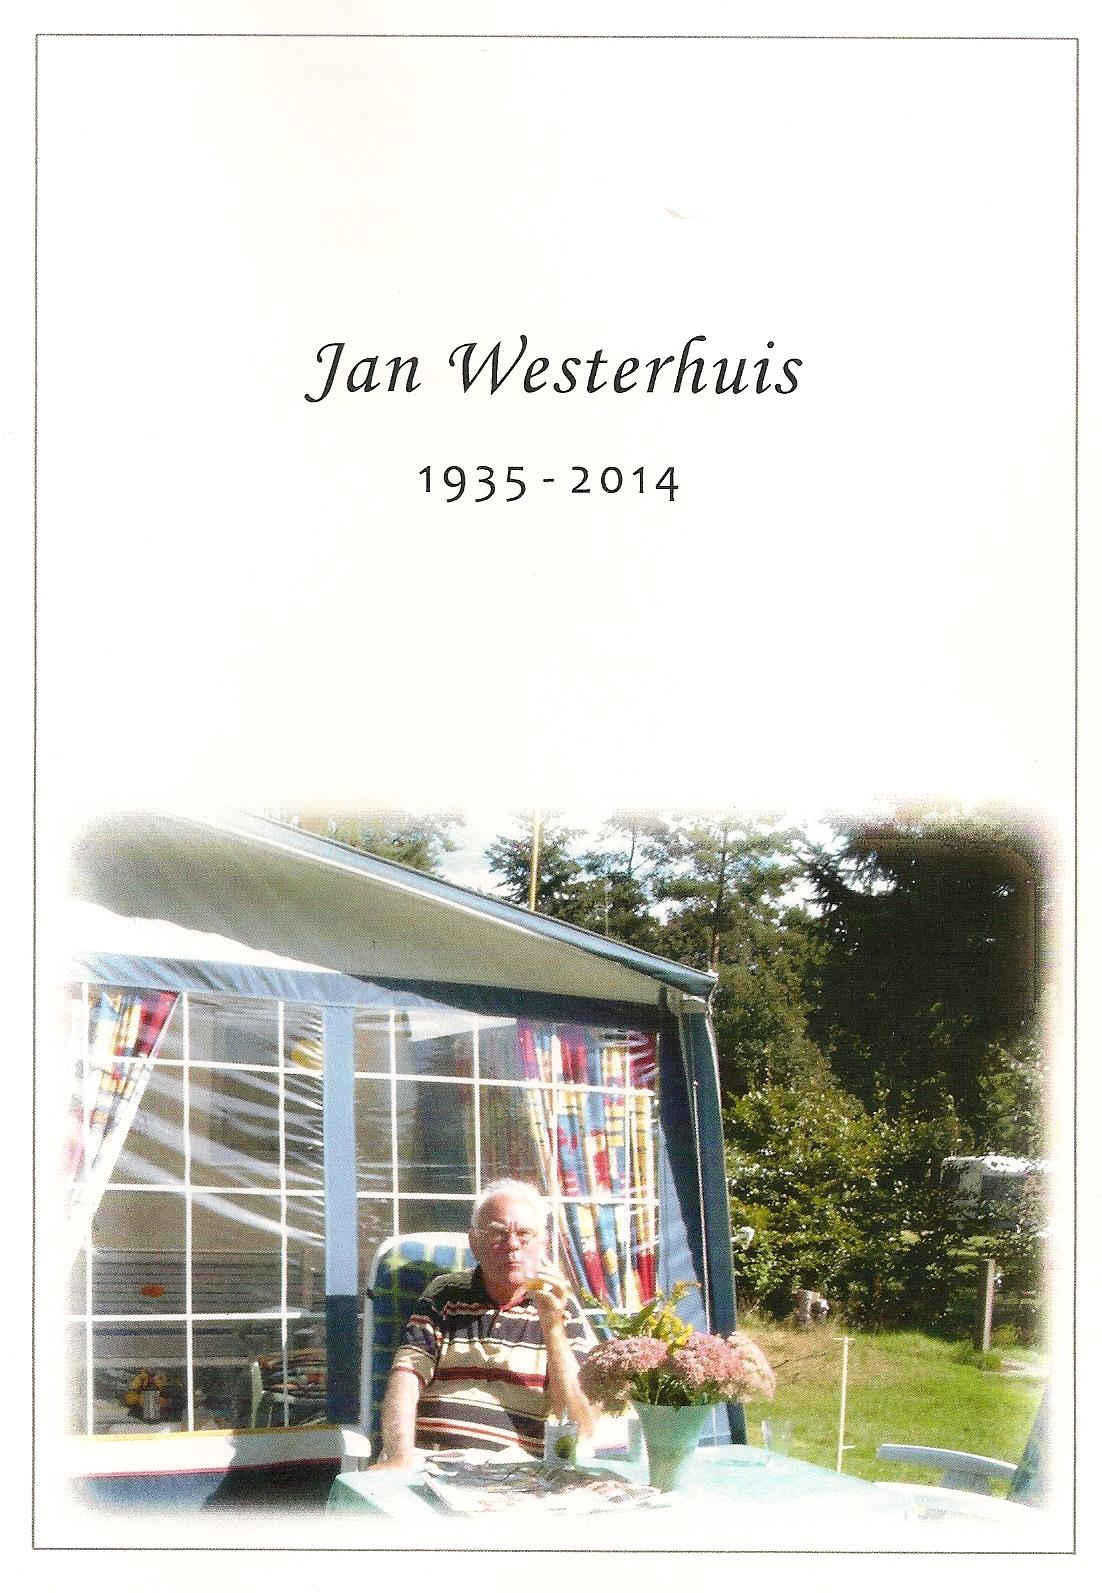 OM Jan Westerhuis (PA3AJF), Silent Key